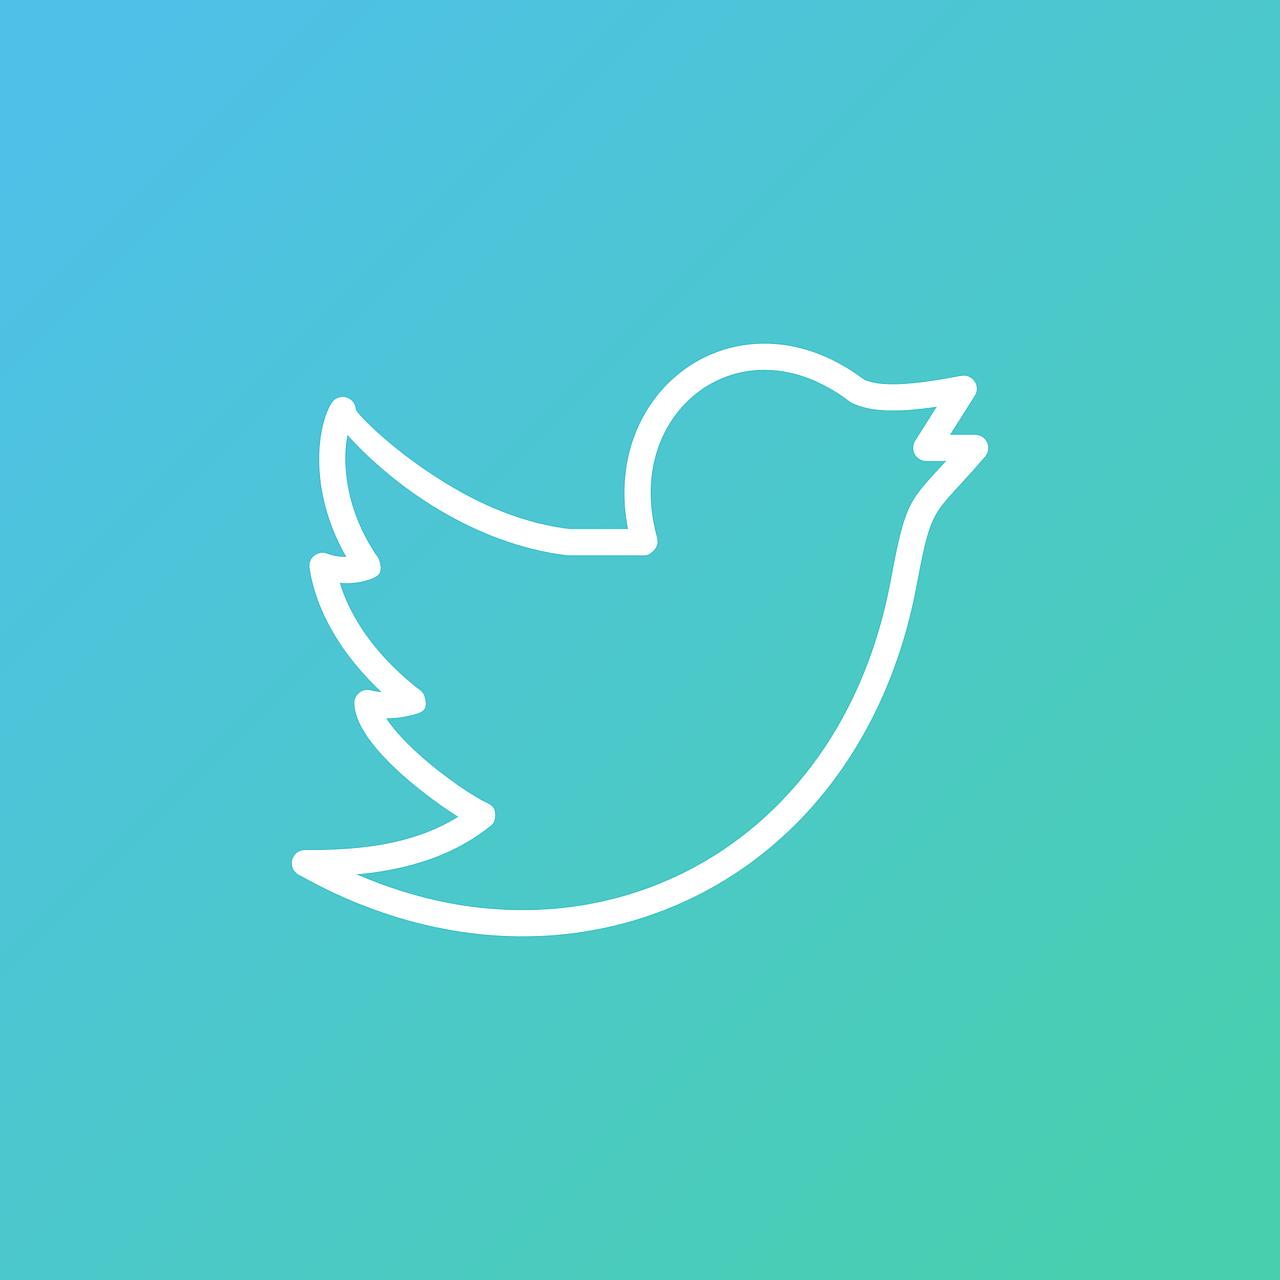 طرق التسويق والإعلان على تويتر